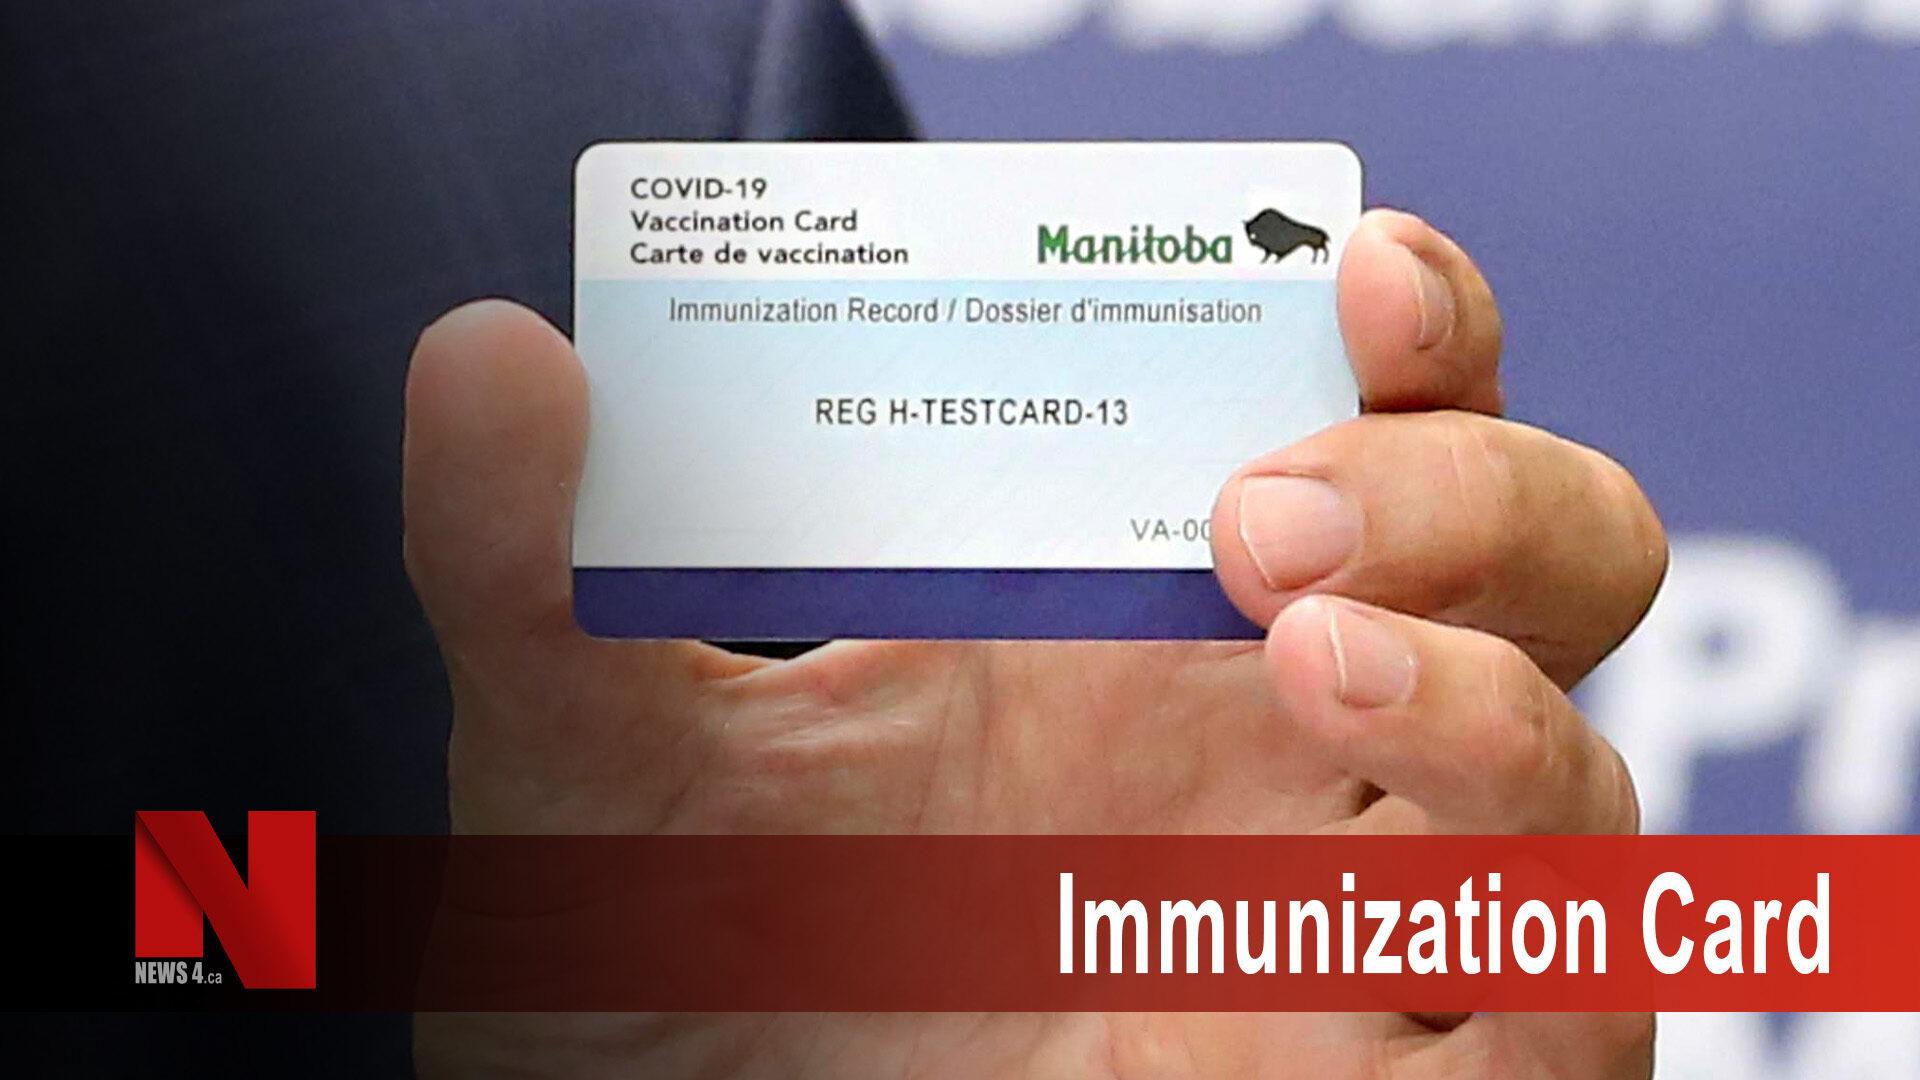 Immunization card